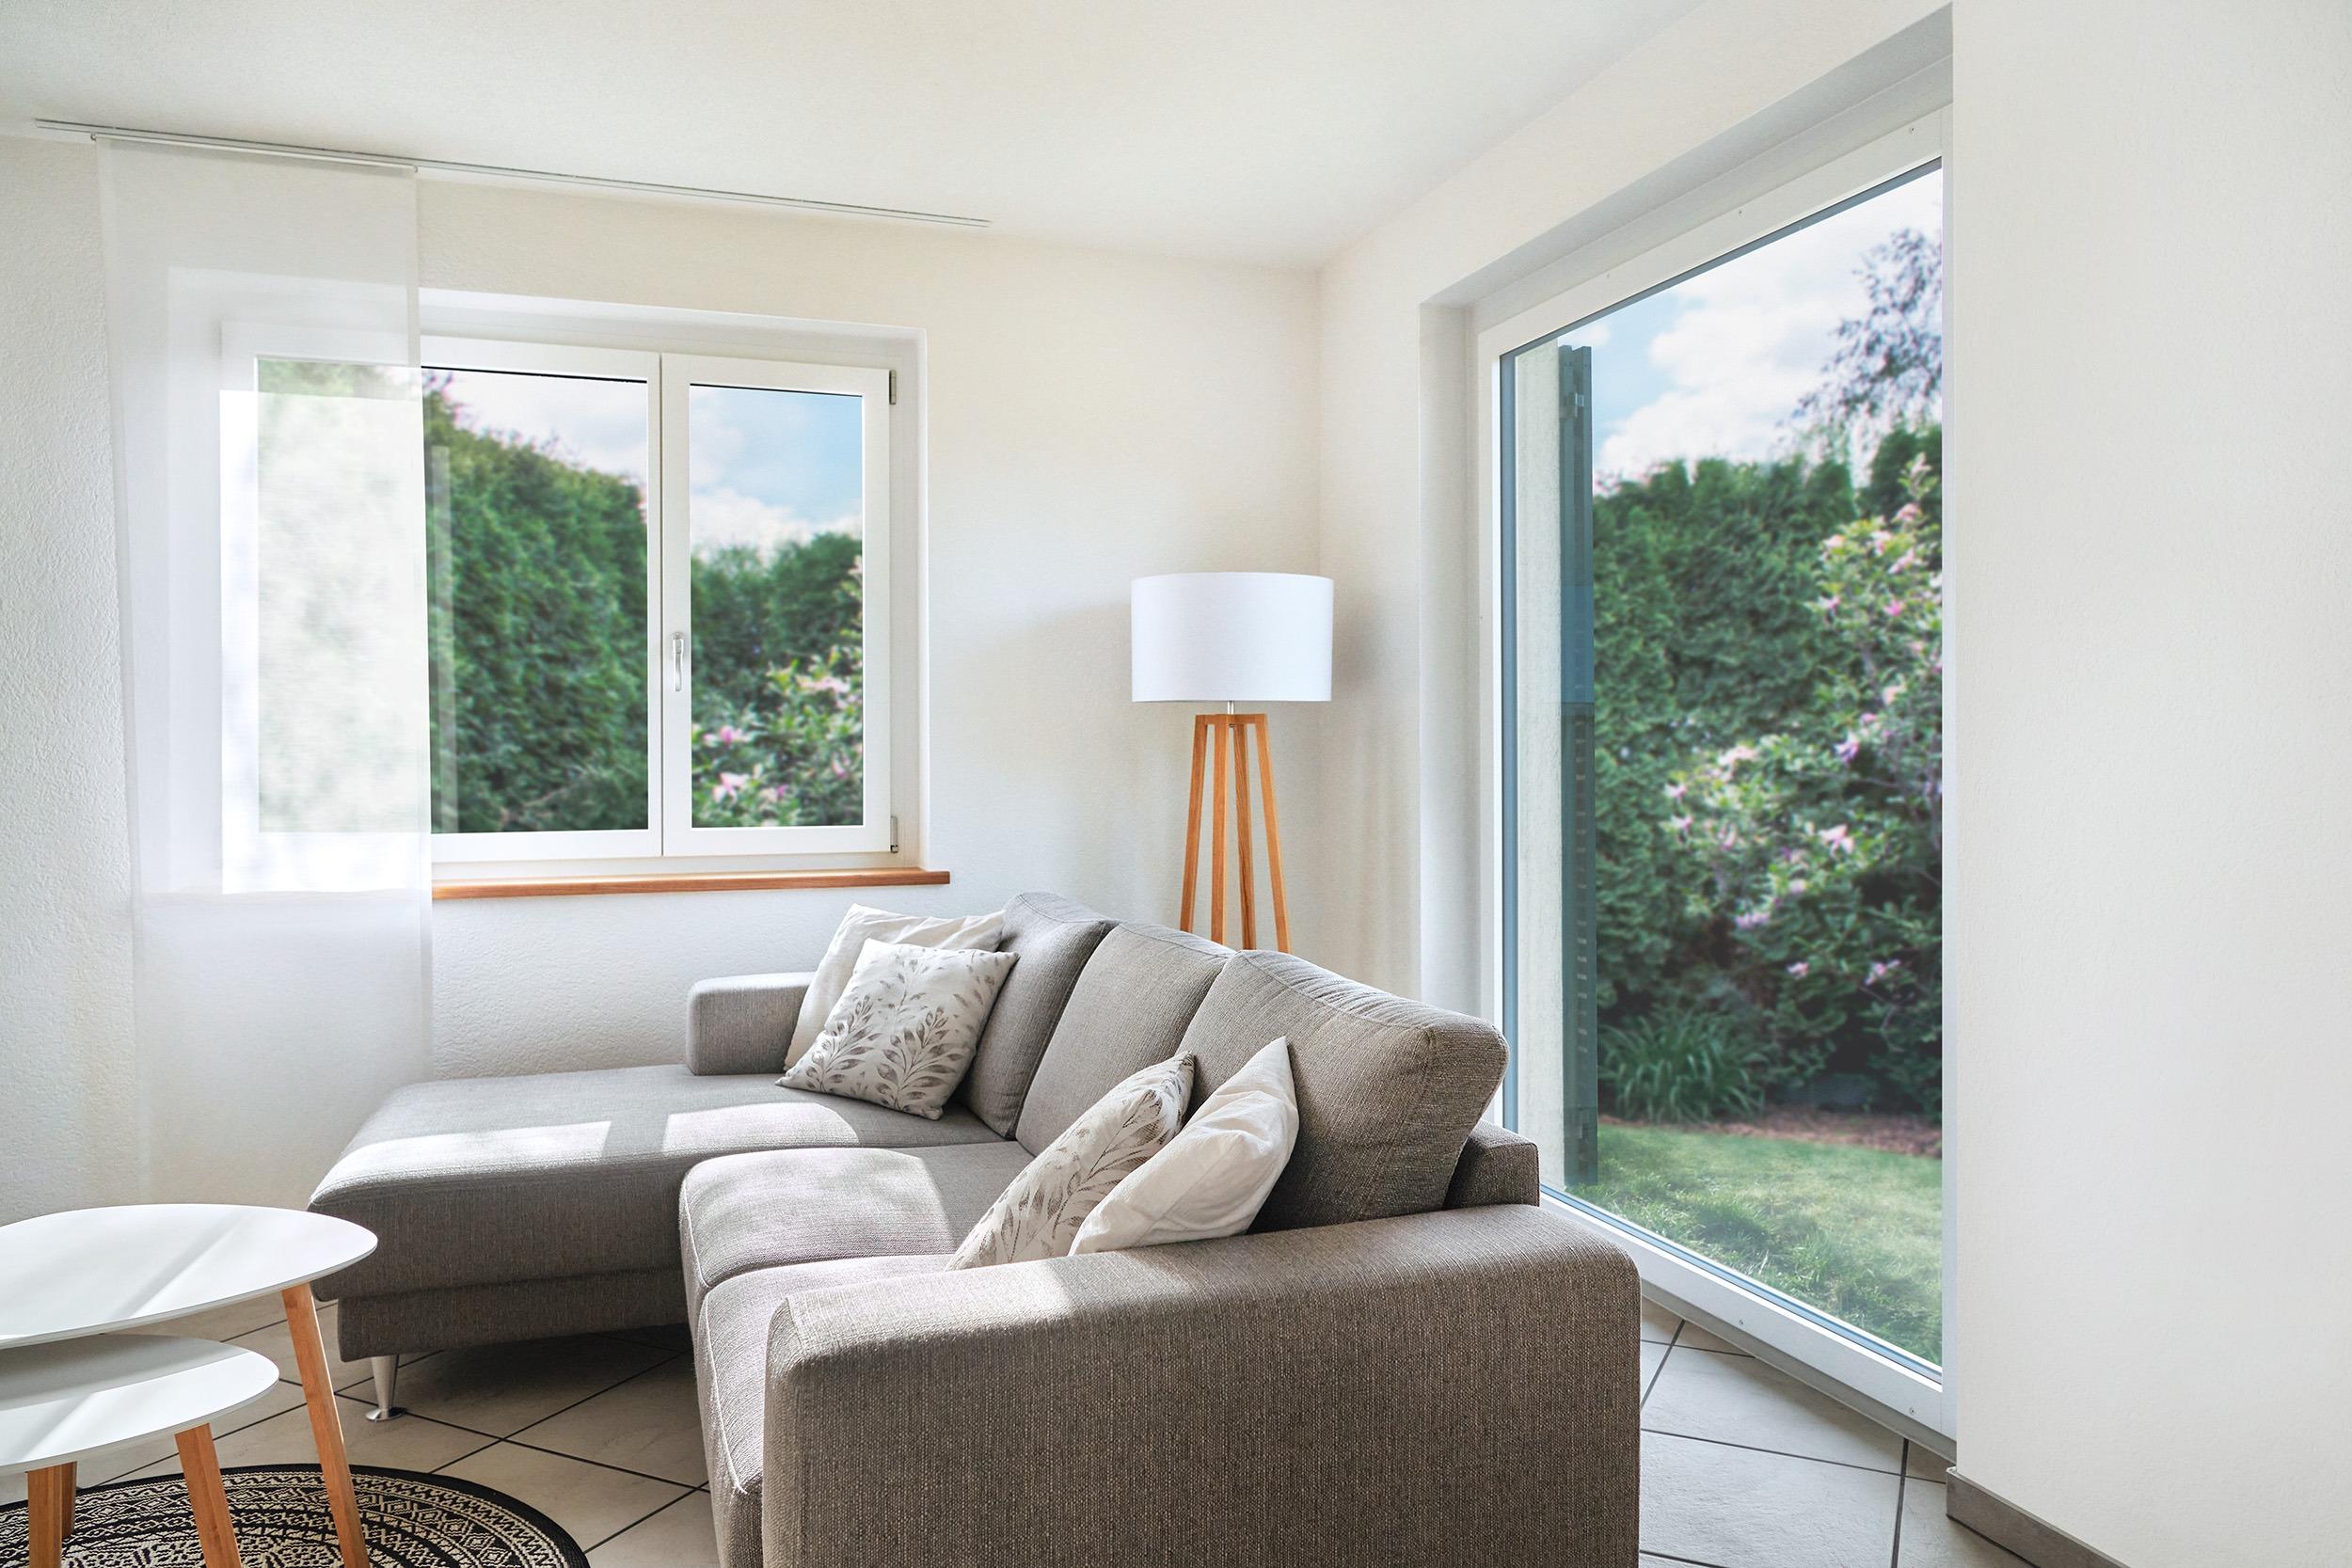 Wohnzimmer mit grauem Sofa, Kaffeetisch und grossen Fenstern.